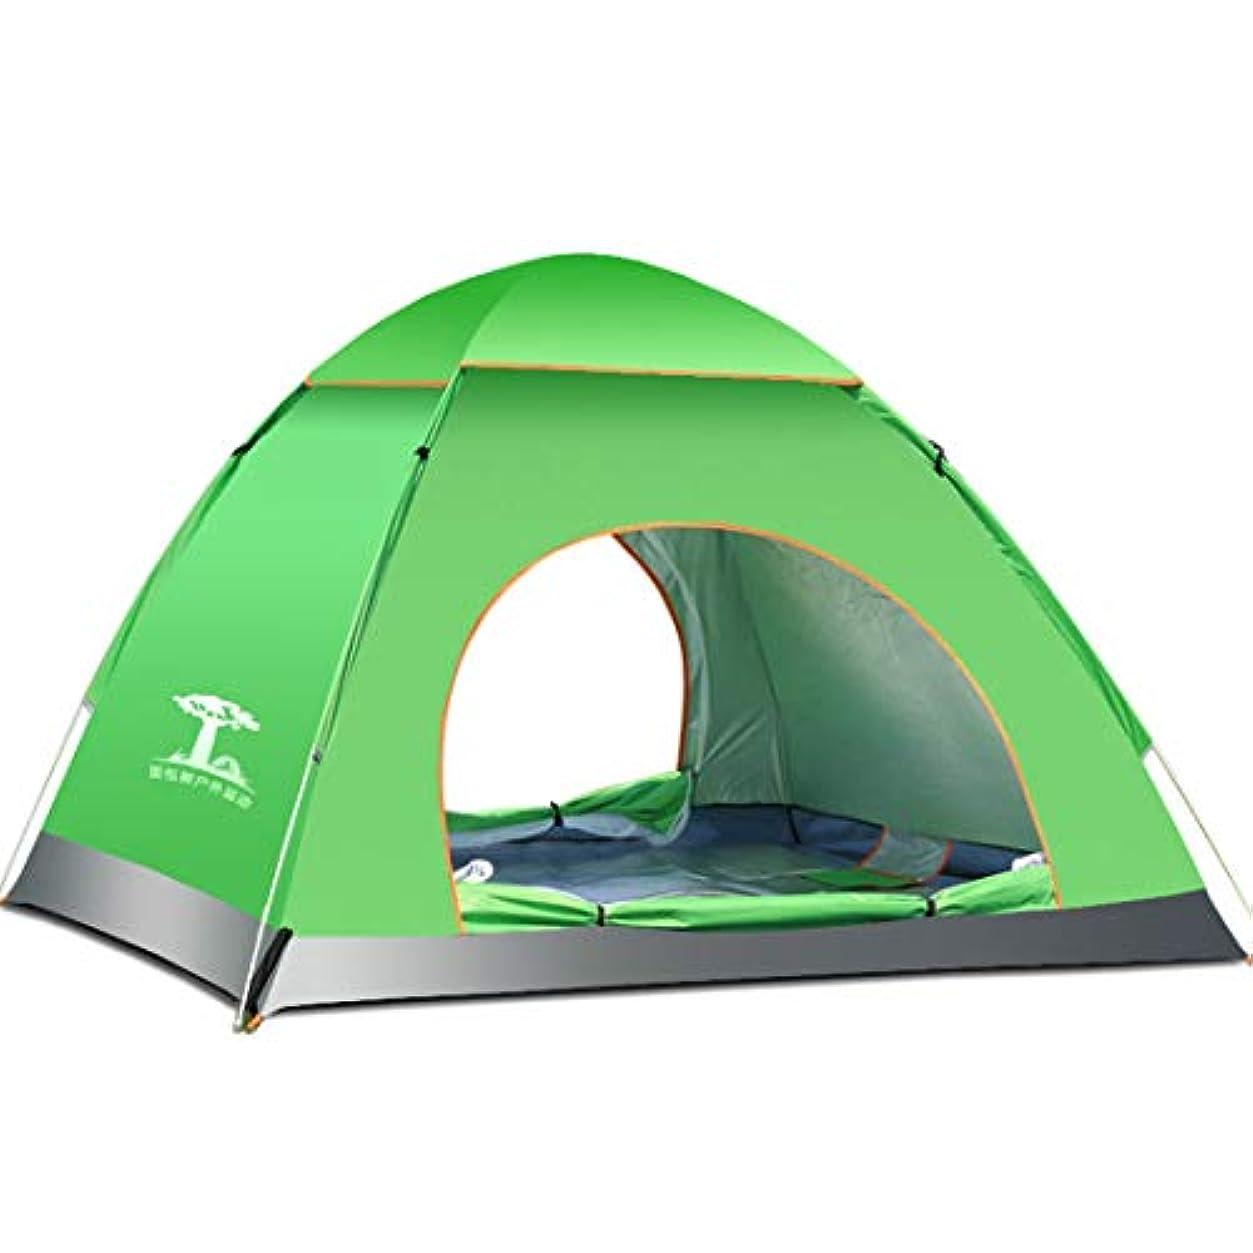 ジョグ噂有能なSuurui テント 3-5人用 サンシェードテント キャンプ タープ ポップアップ ダブルドア メッシュスクリーン付 大空間 軽量 防水 紫外線防止 設営簡単 折りたたみ アウトドア用品 海 花見 運動会 登山用